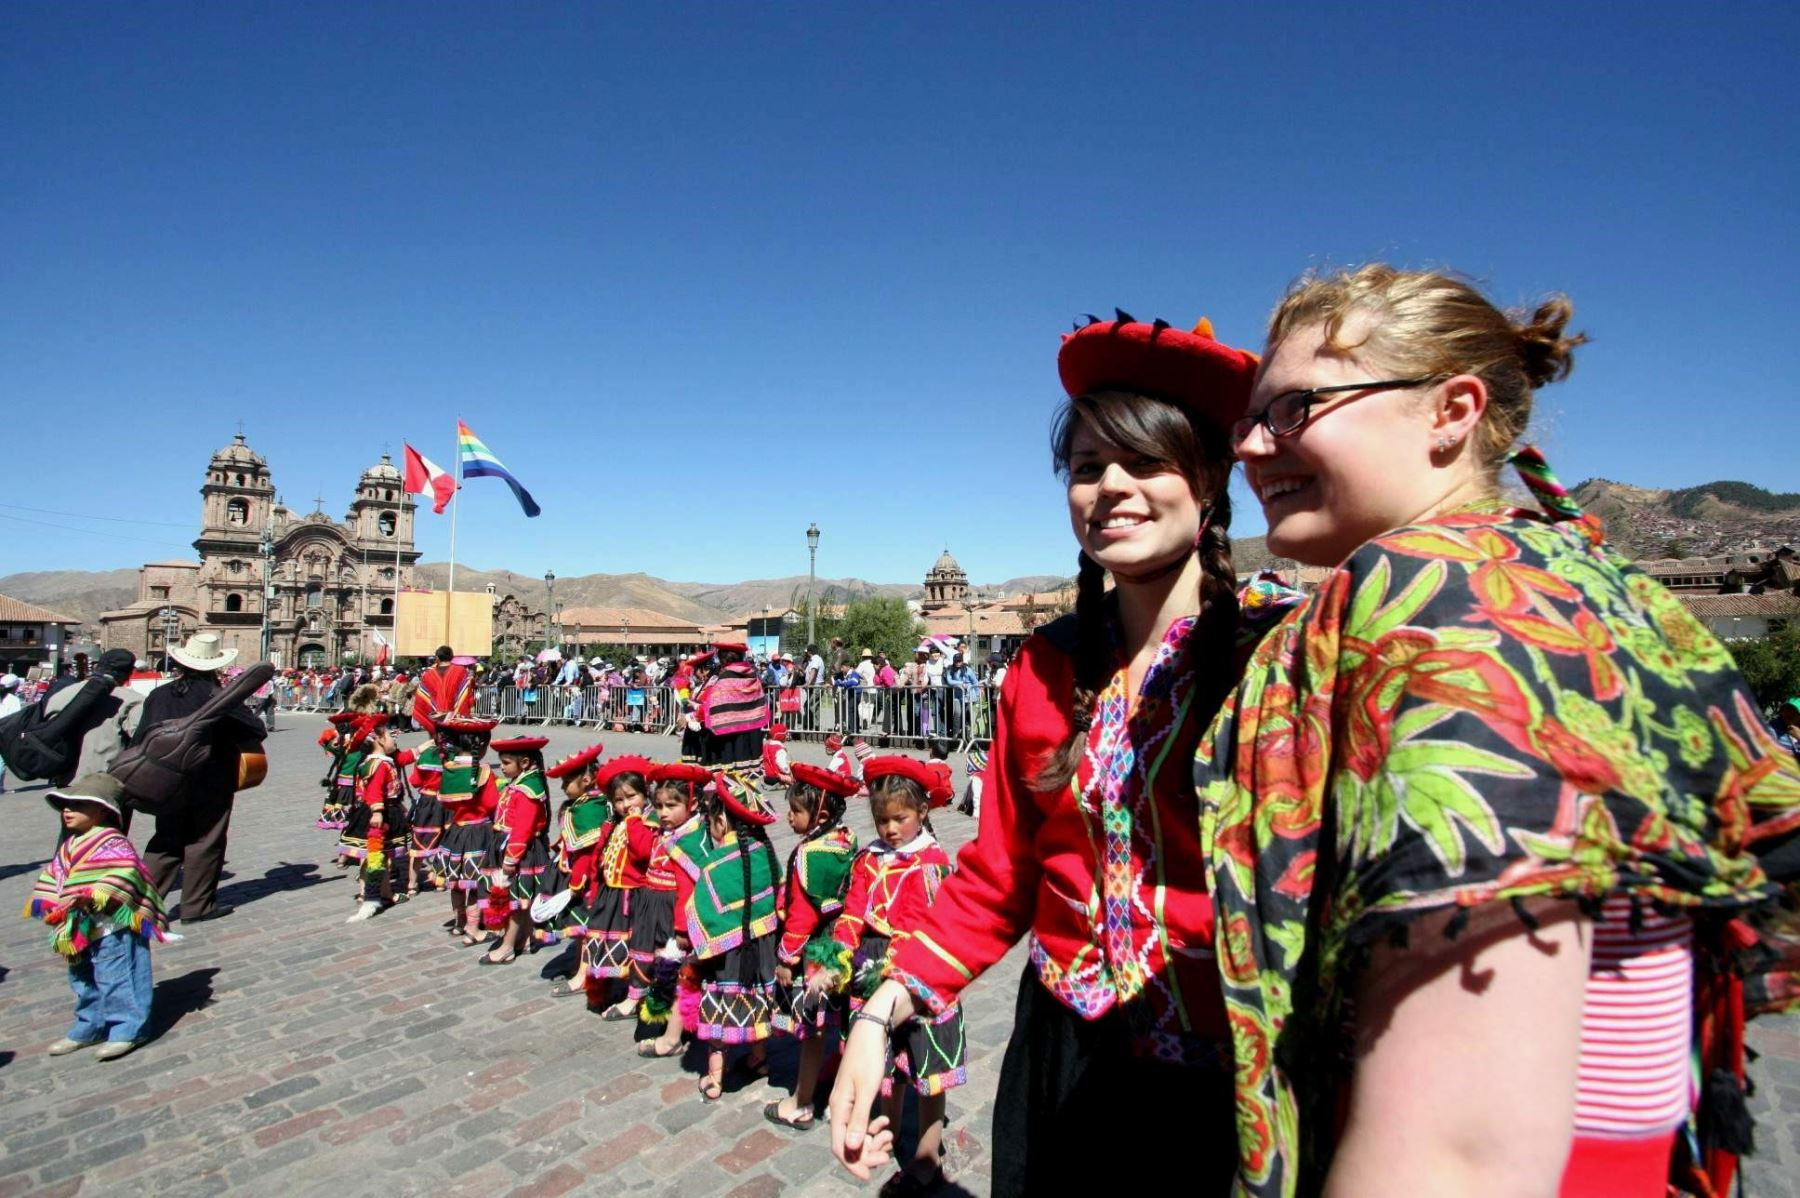 Turistas eligen a Cusco como su ciudad preferida de América Latina. Foto: ANDINA/Percy Hurtado Santillán.